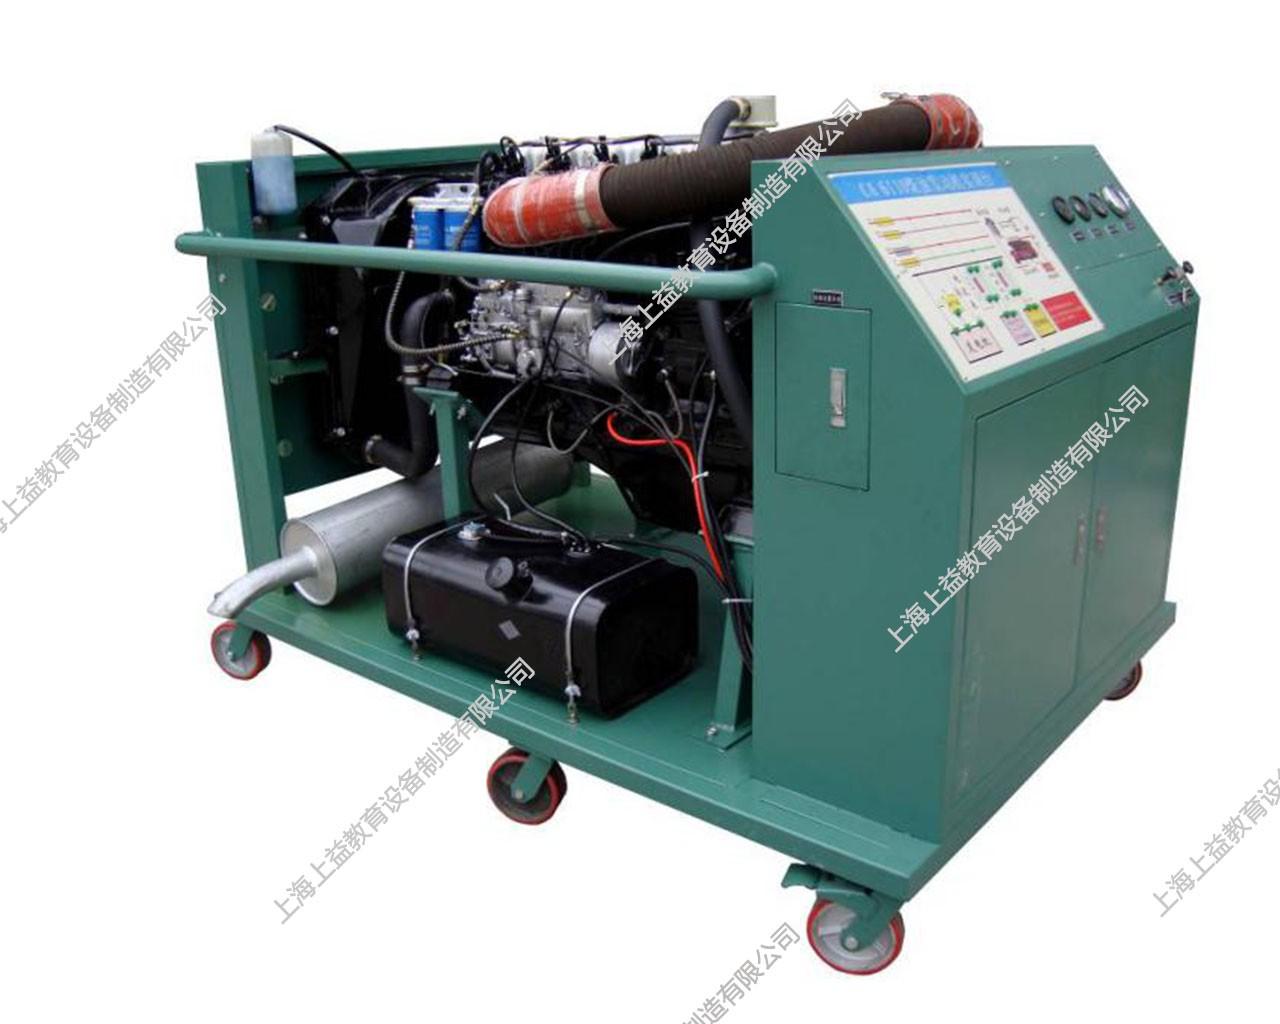 柴油发动机wwwlehu8vip台(康明斯6BT)